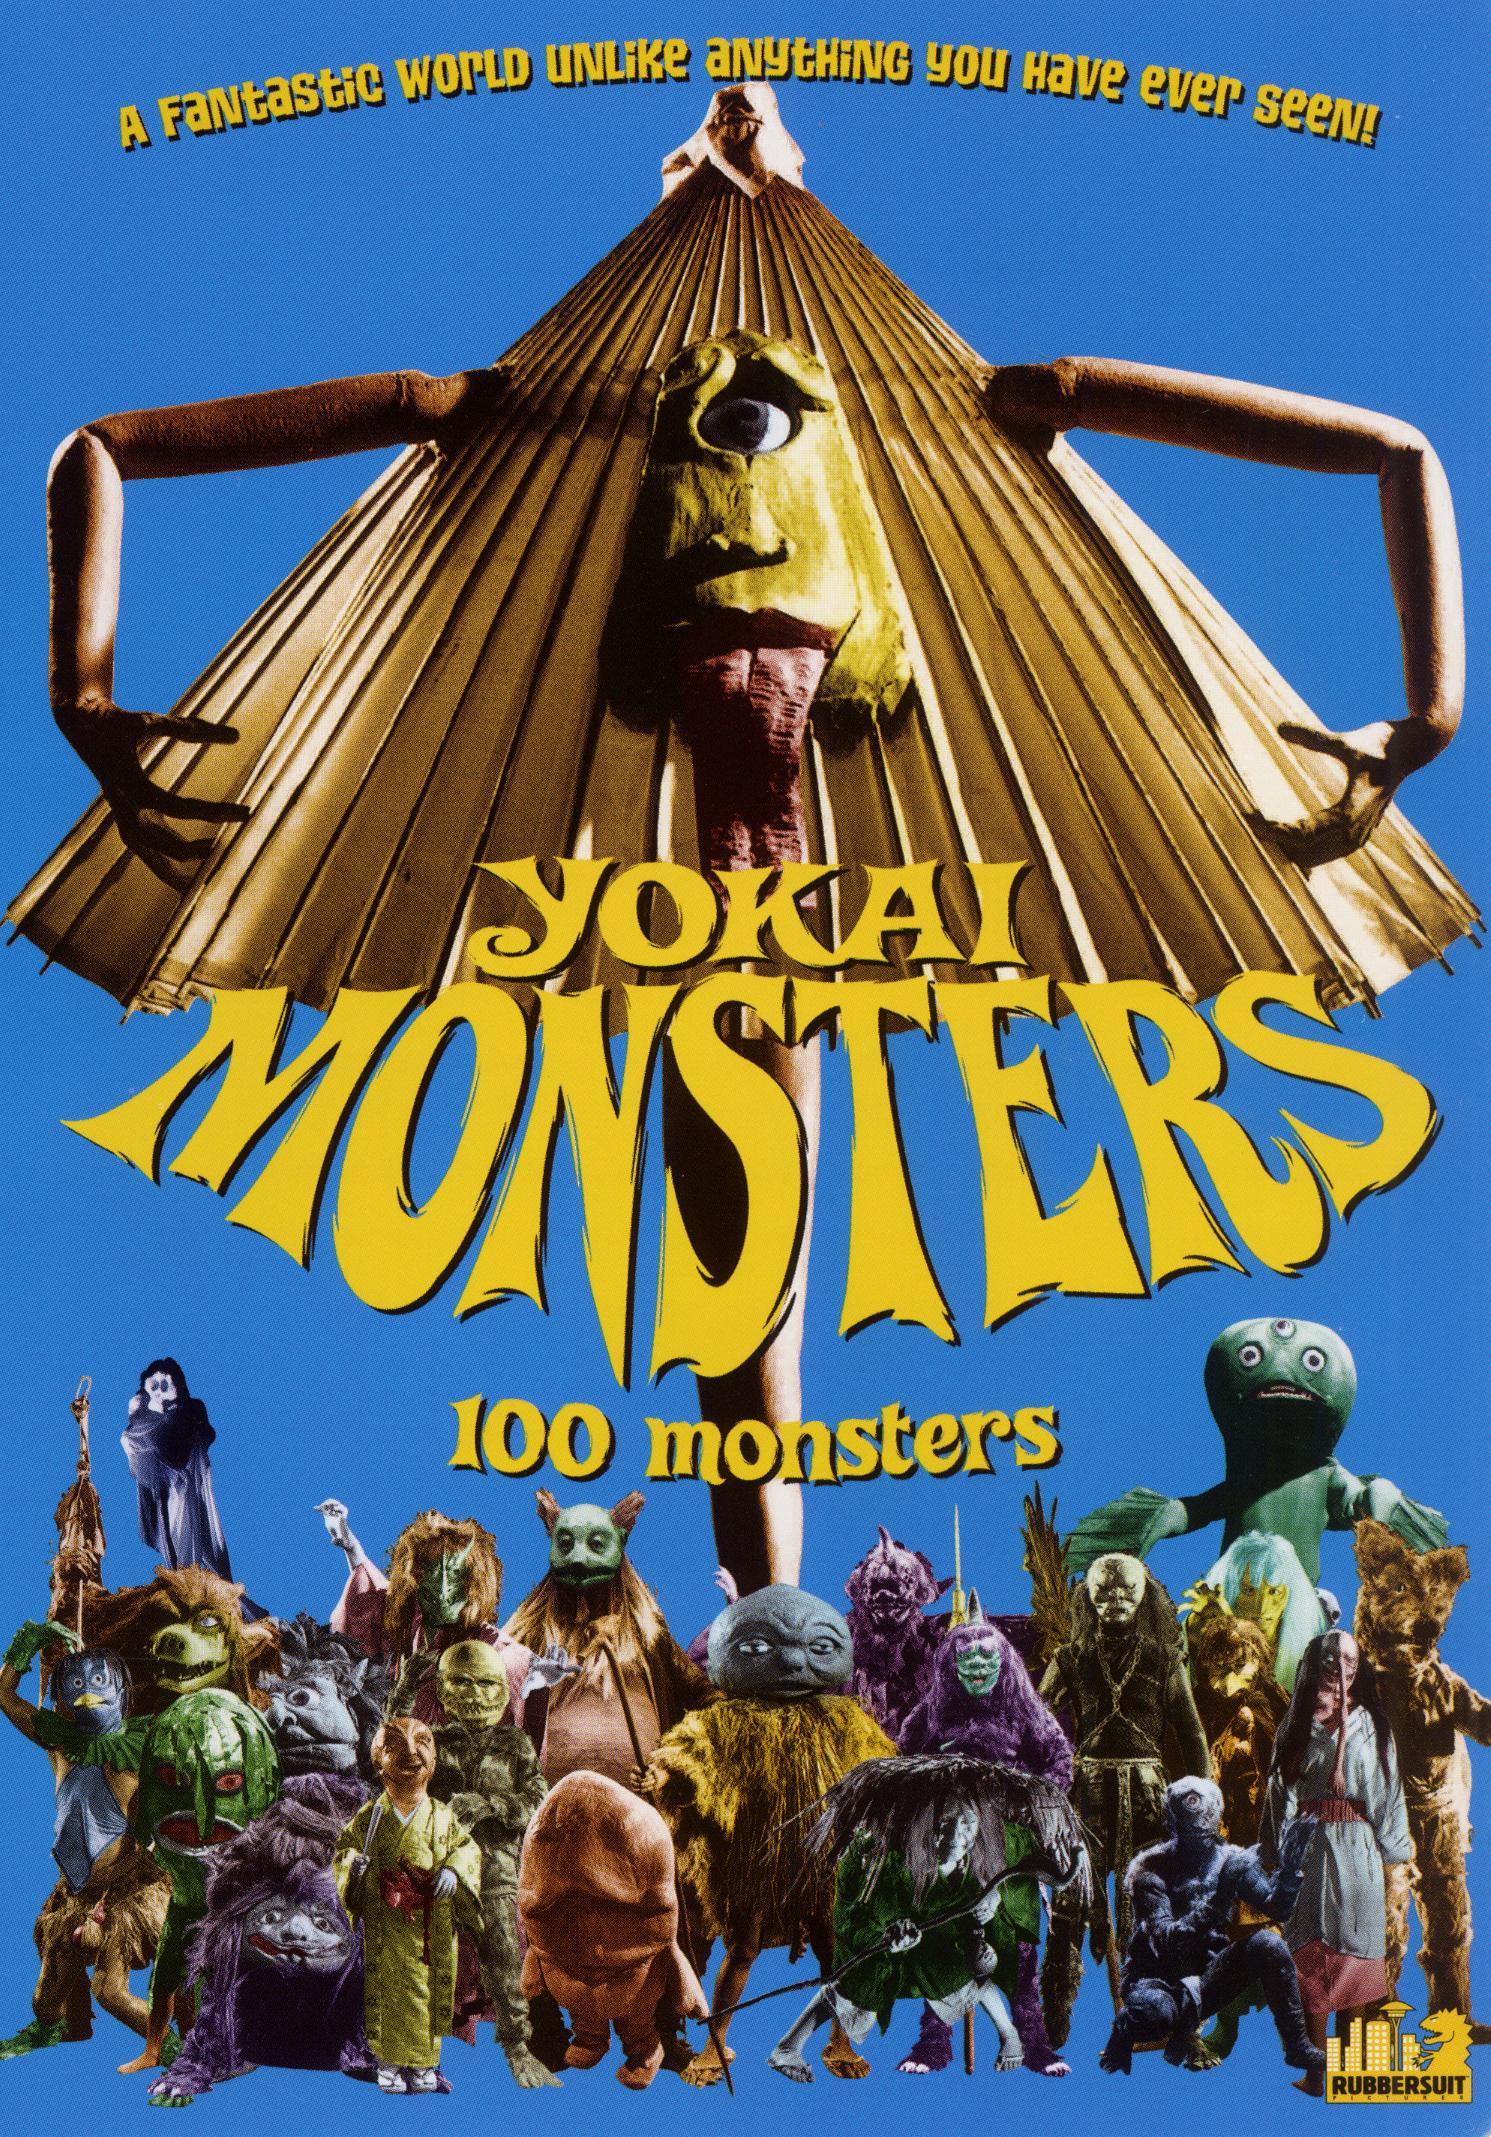 Yokai Monsters: One Hundred Monsters